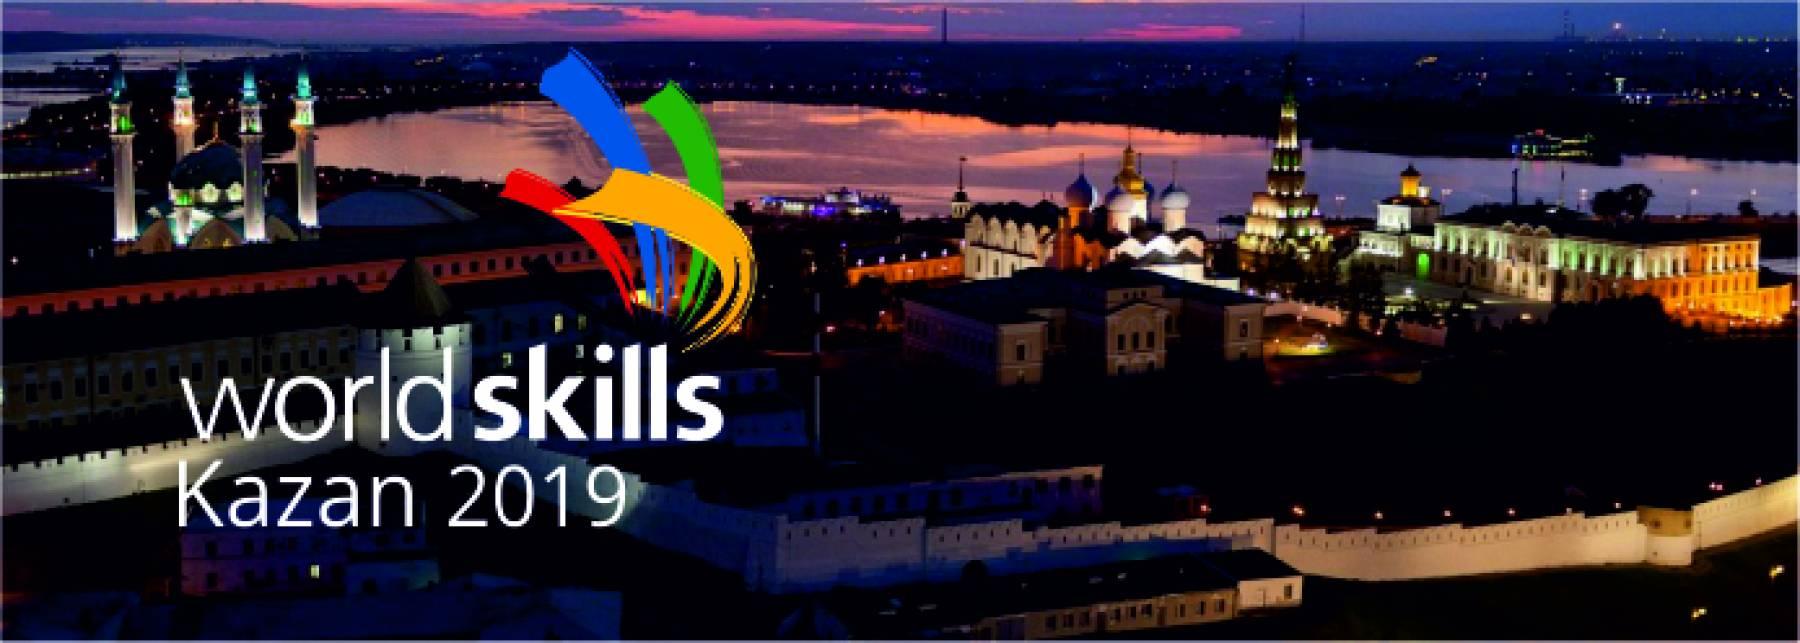 Worldskills 2019 Казань фото